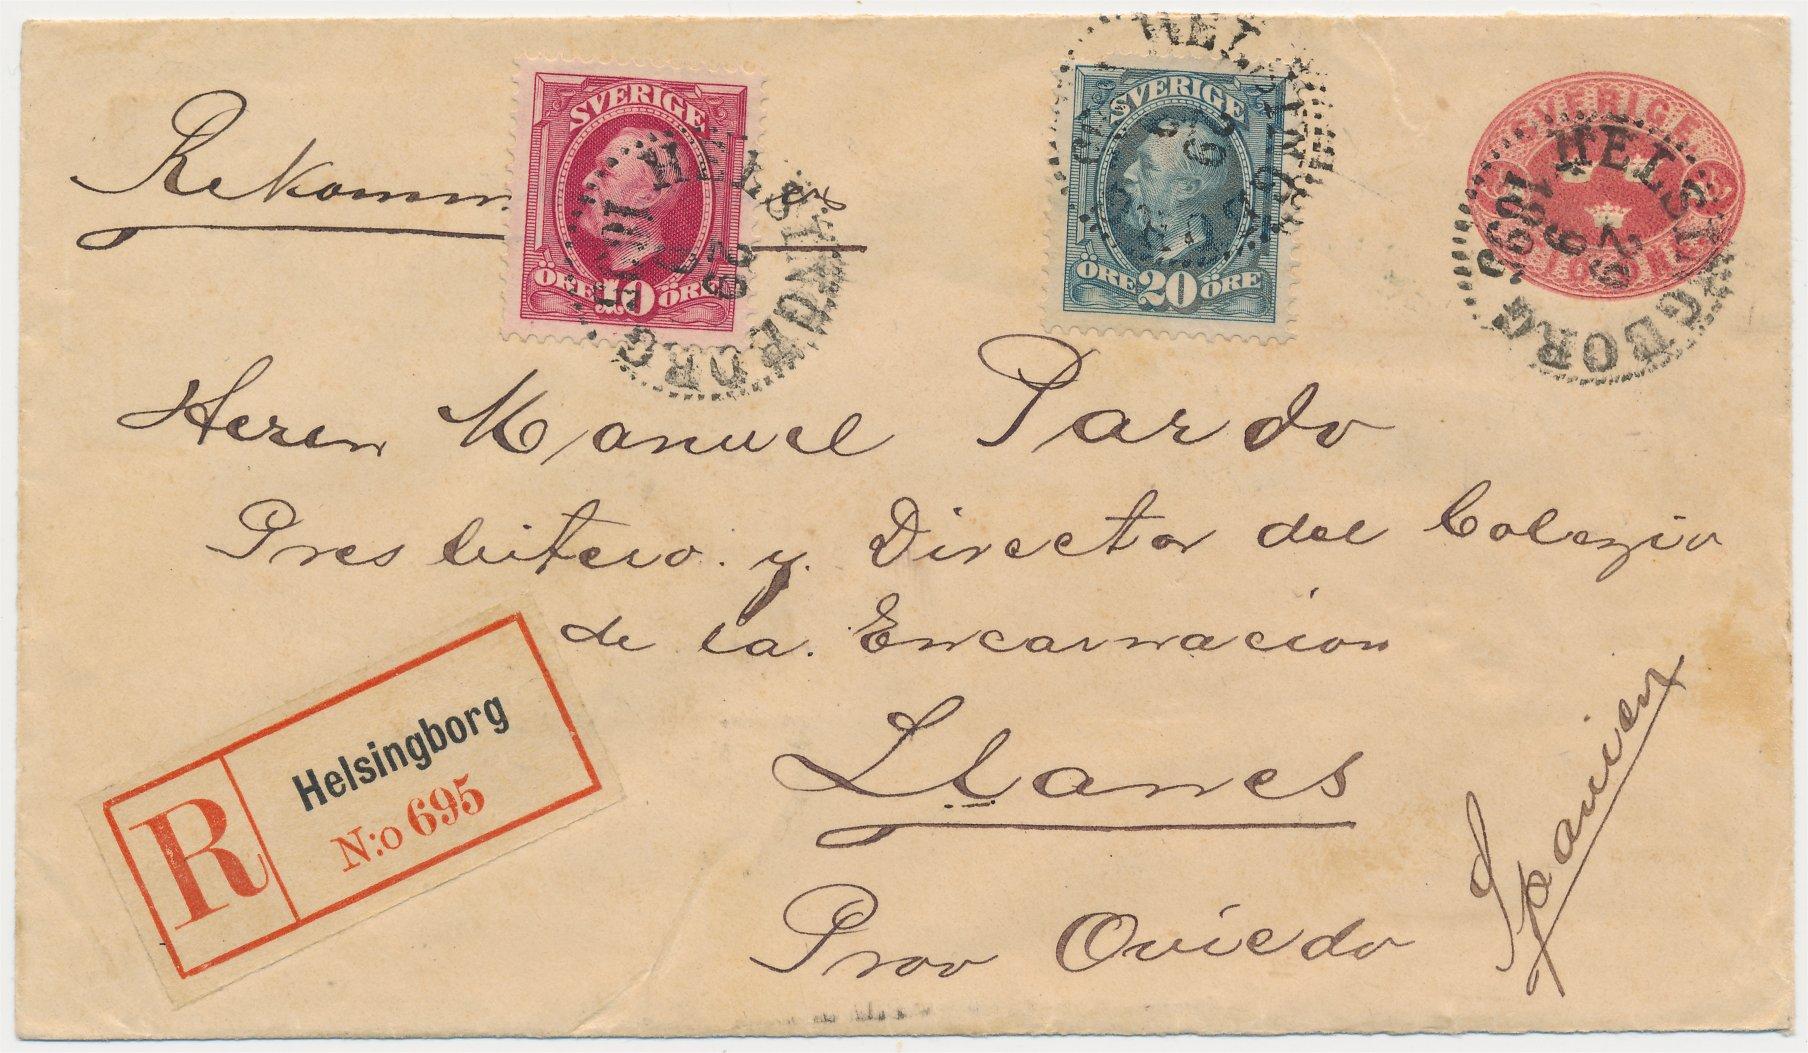 40rek_helsingborg_29_9_1895